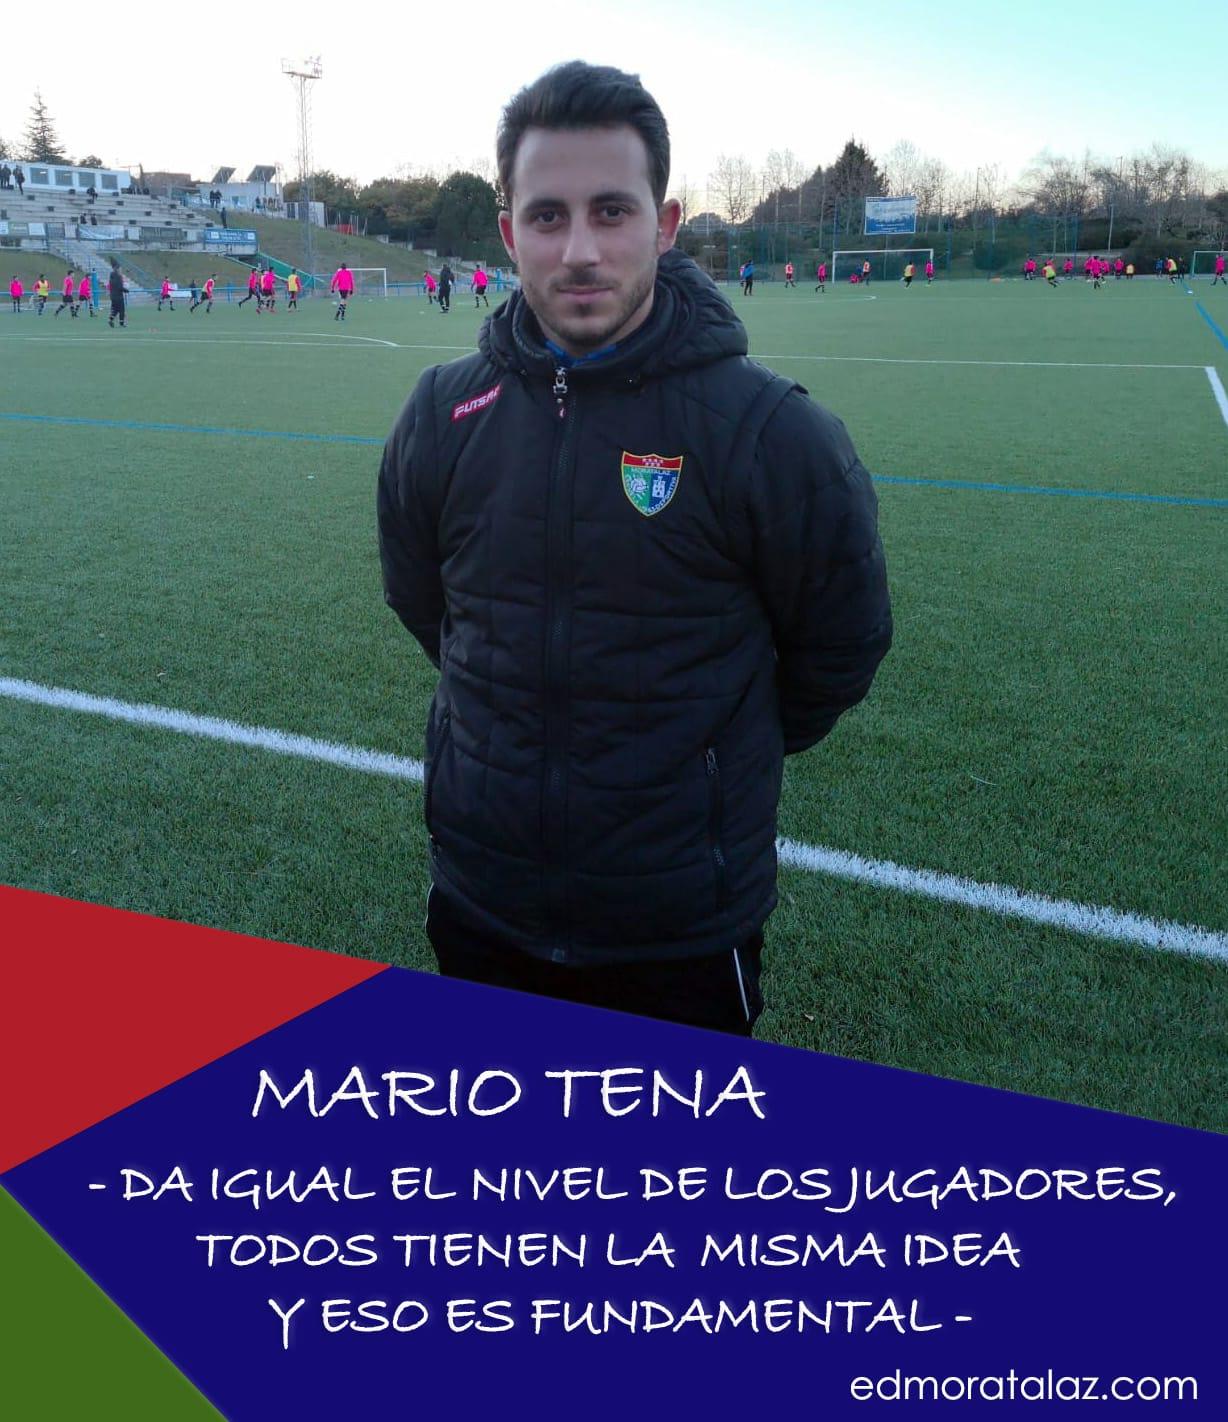 Mario Tena: «Da igual el nivel de los jugadores, todos tienen la misma idea y eso es fundamental»